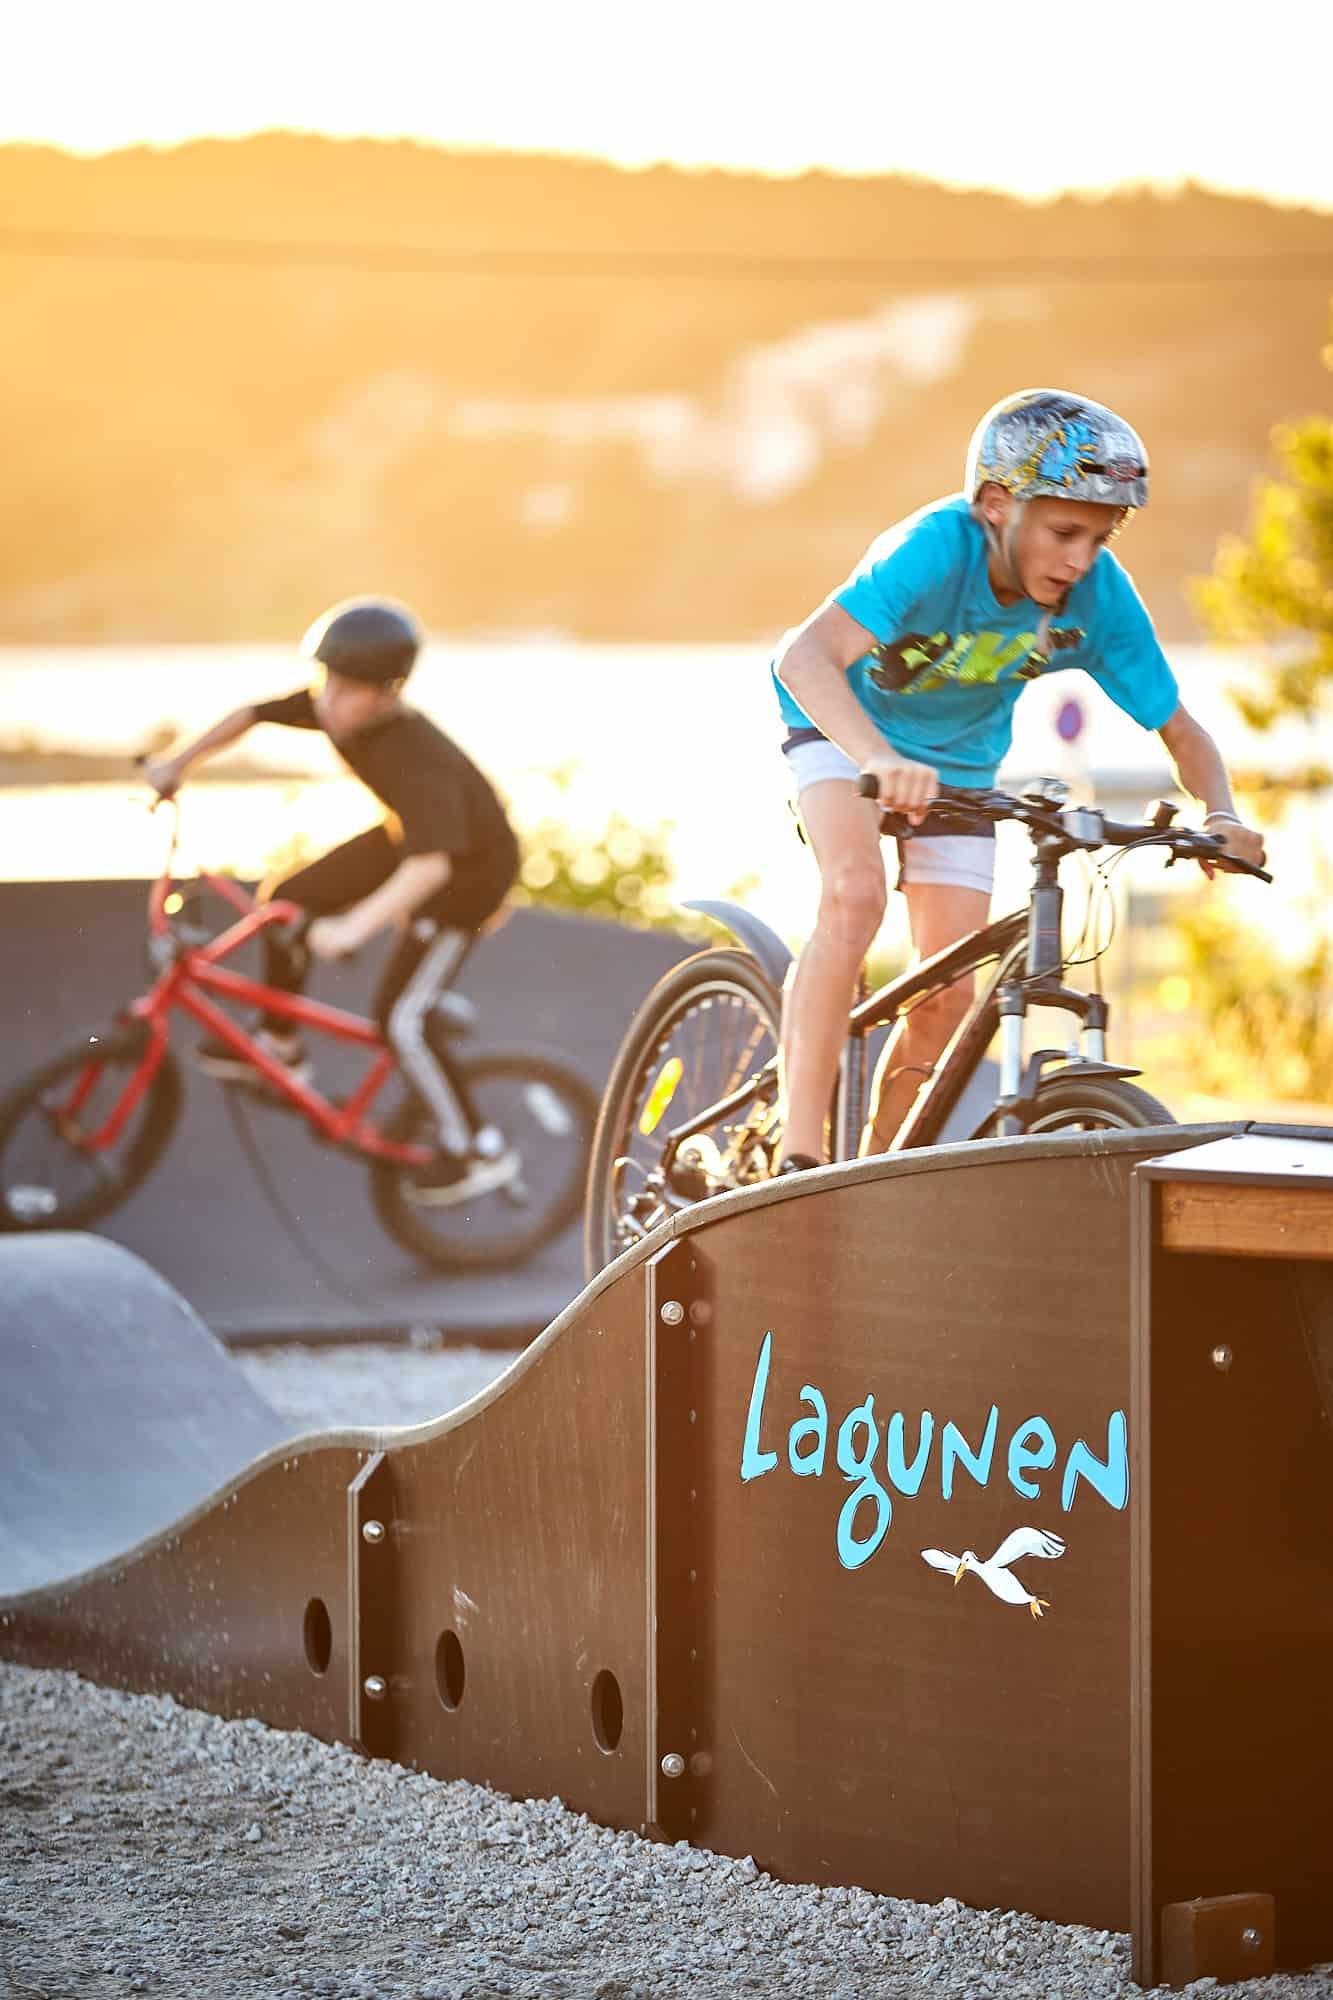 Två pojkar cyklar i äventyrsbanan.